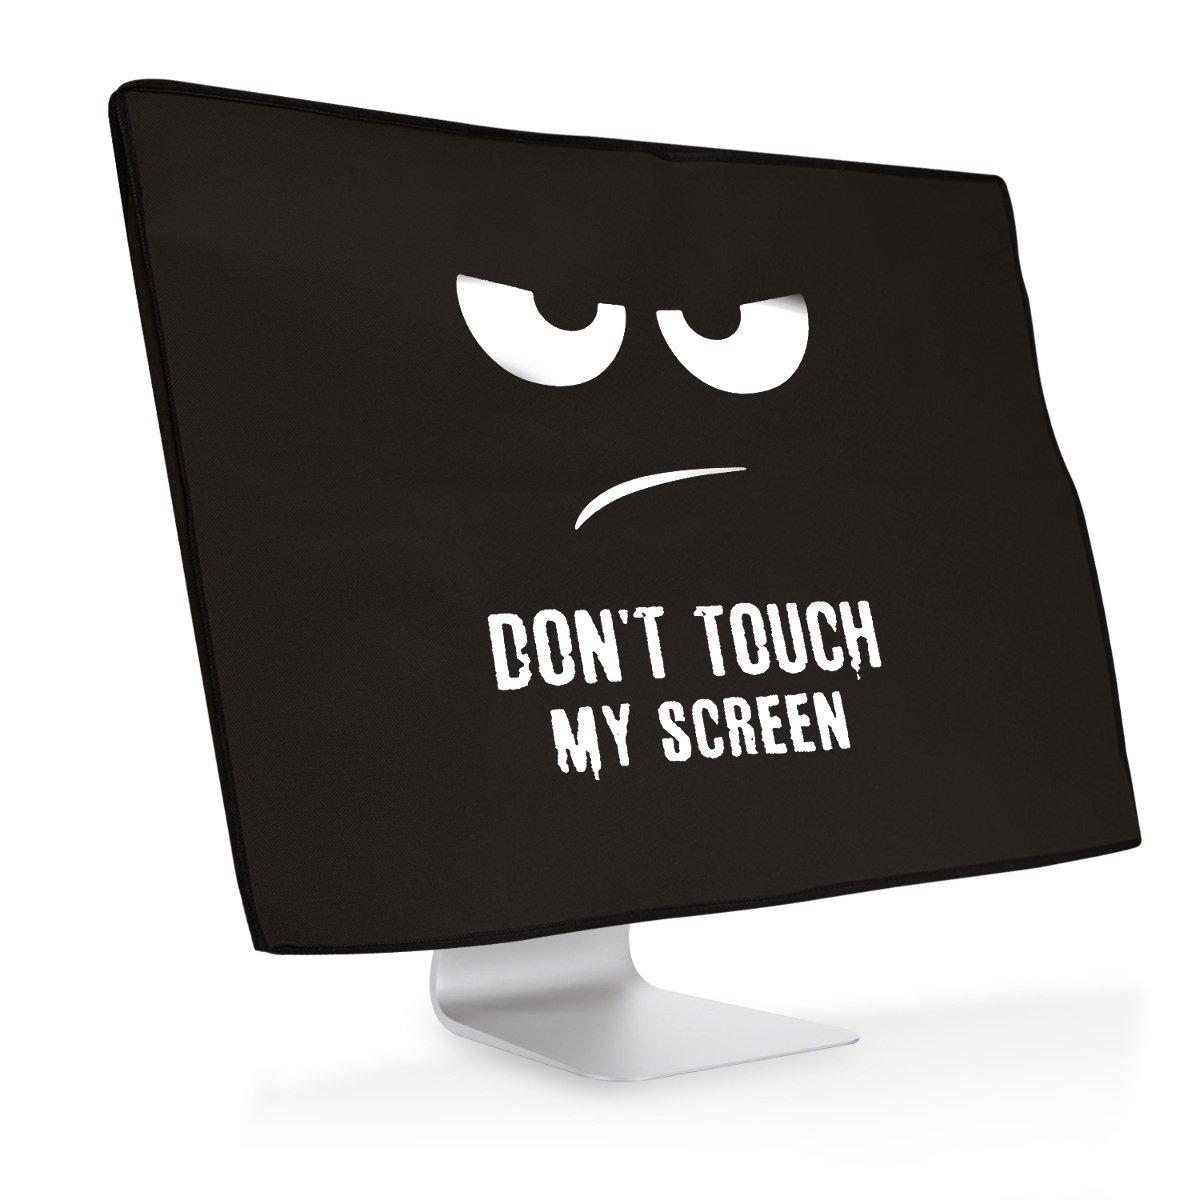 """kwmobile スクリーン 保護カバー 20-22""""モニター用 - 埃保護 PC モニター カバー白色黒色 Don't touch my screenデザイン"""